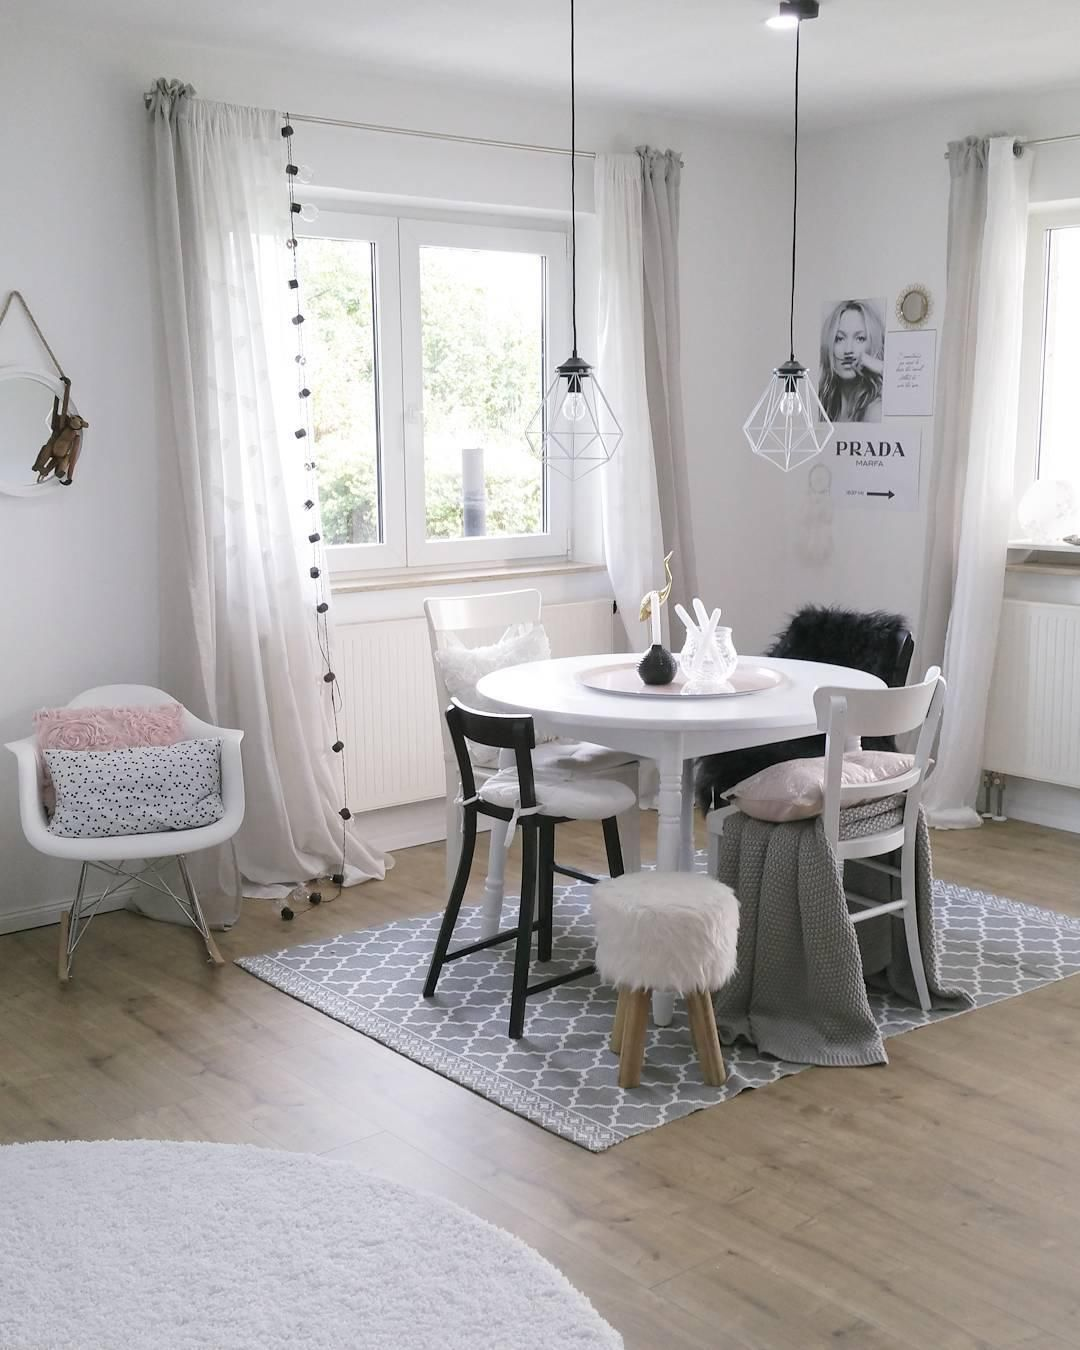 Verschiedene Stühle Mit Skandinavischen Design, Ein Wunderschöner Weißer  Tisch Mit Deko Accessoires Geschmückt Und Pendelleuchten Im Angesagten  Wire Look.